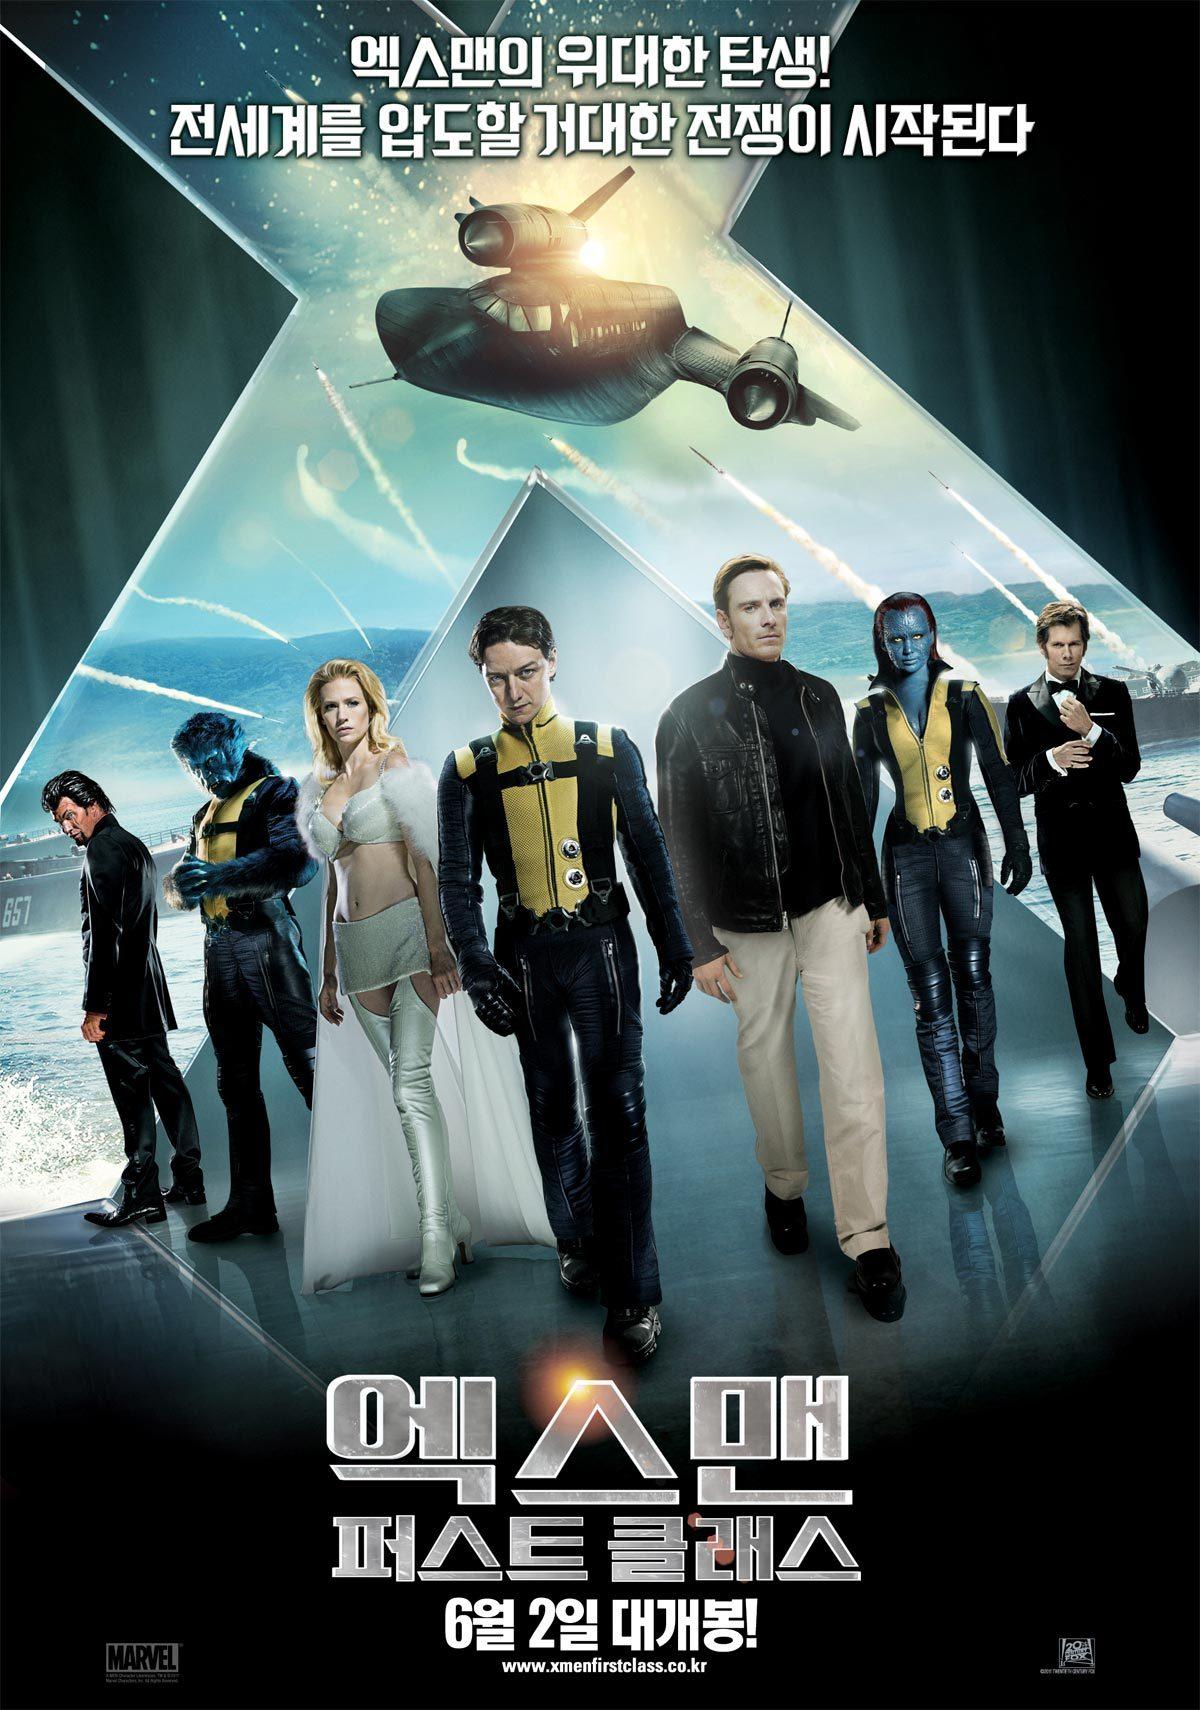 엑스맨 : 퍼스트 클래스 (X-Men: First Class, 2011)